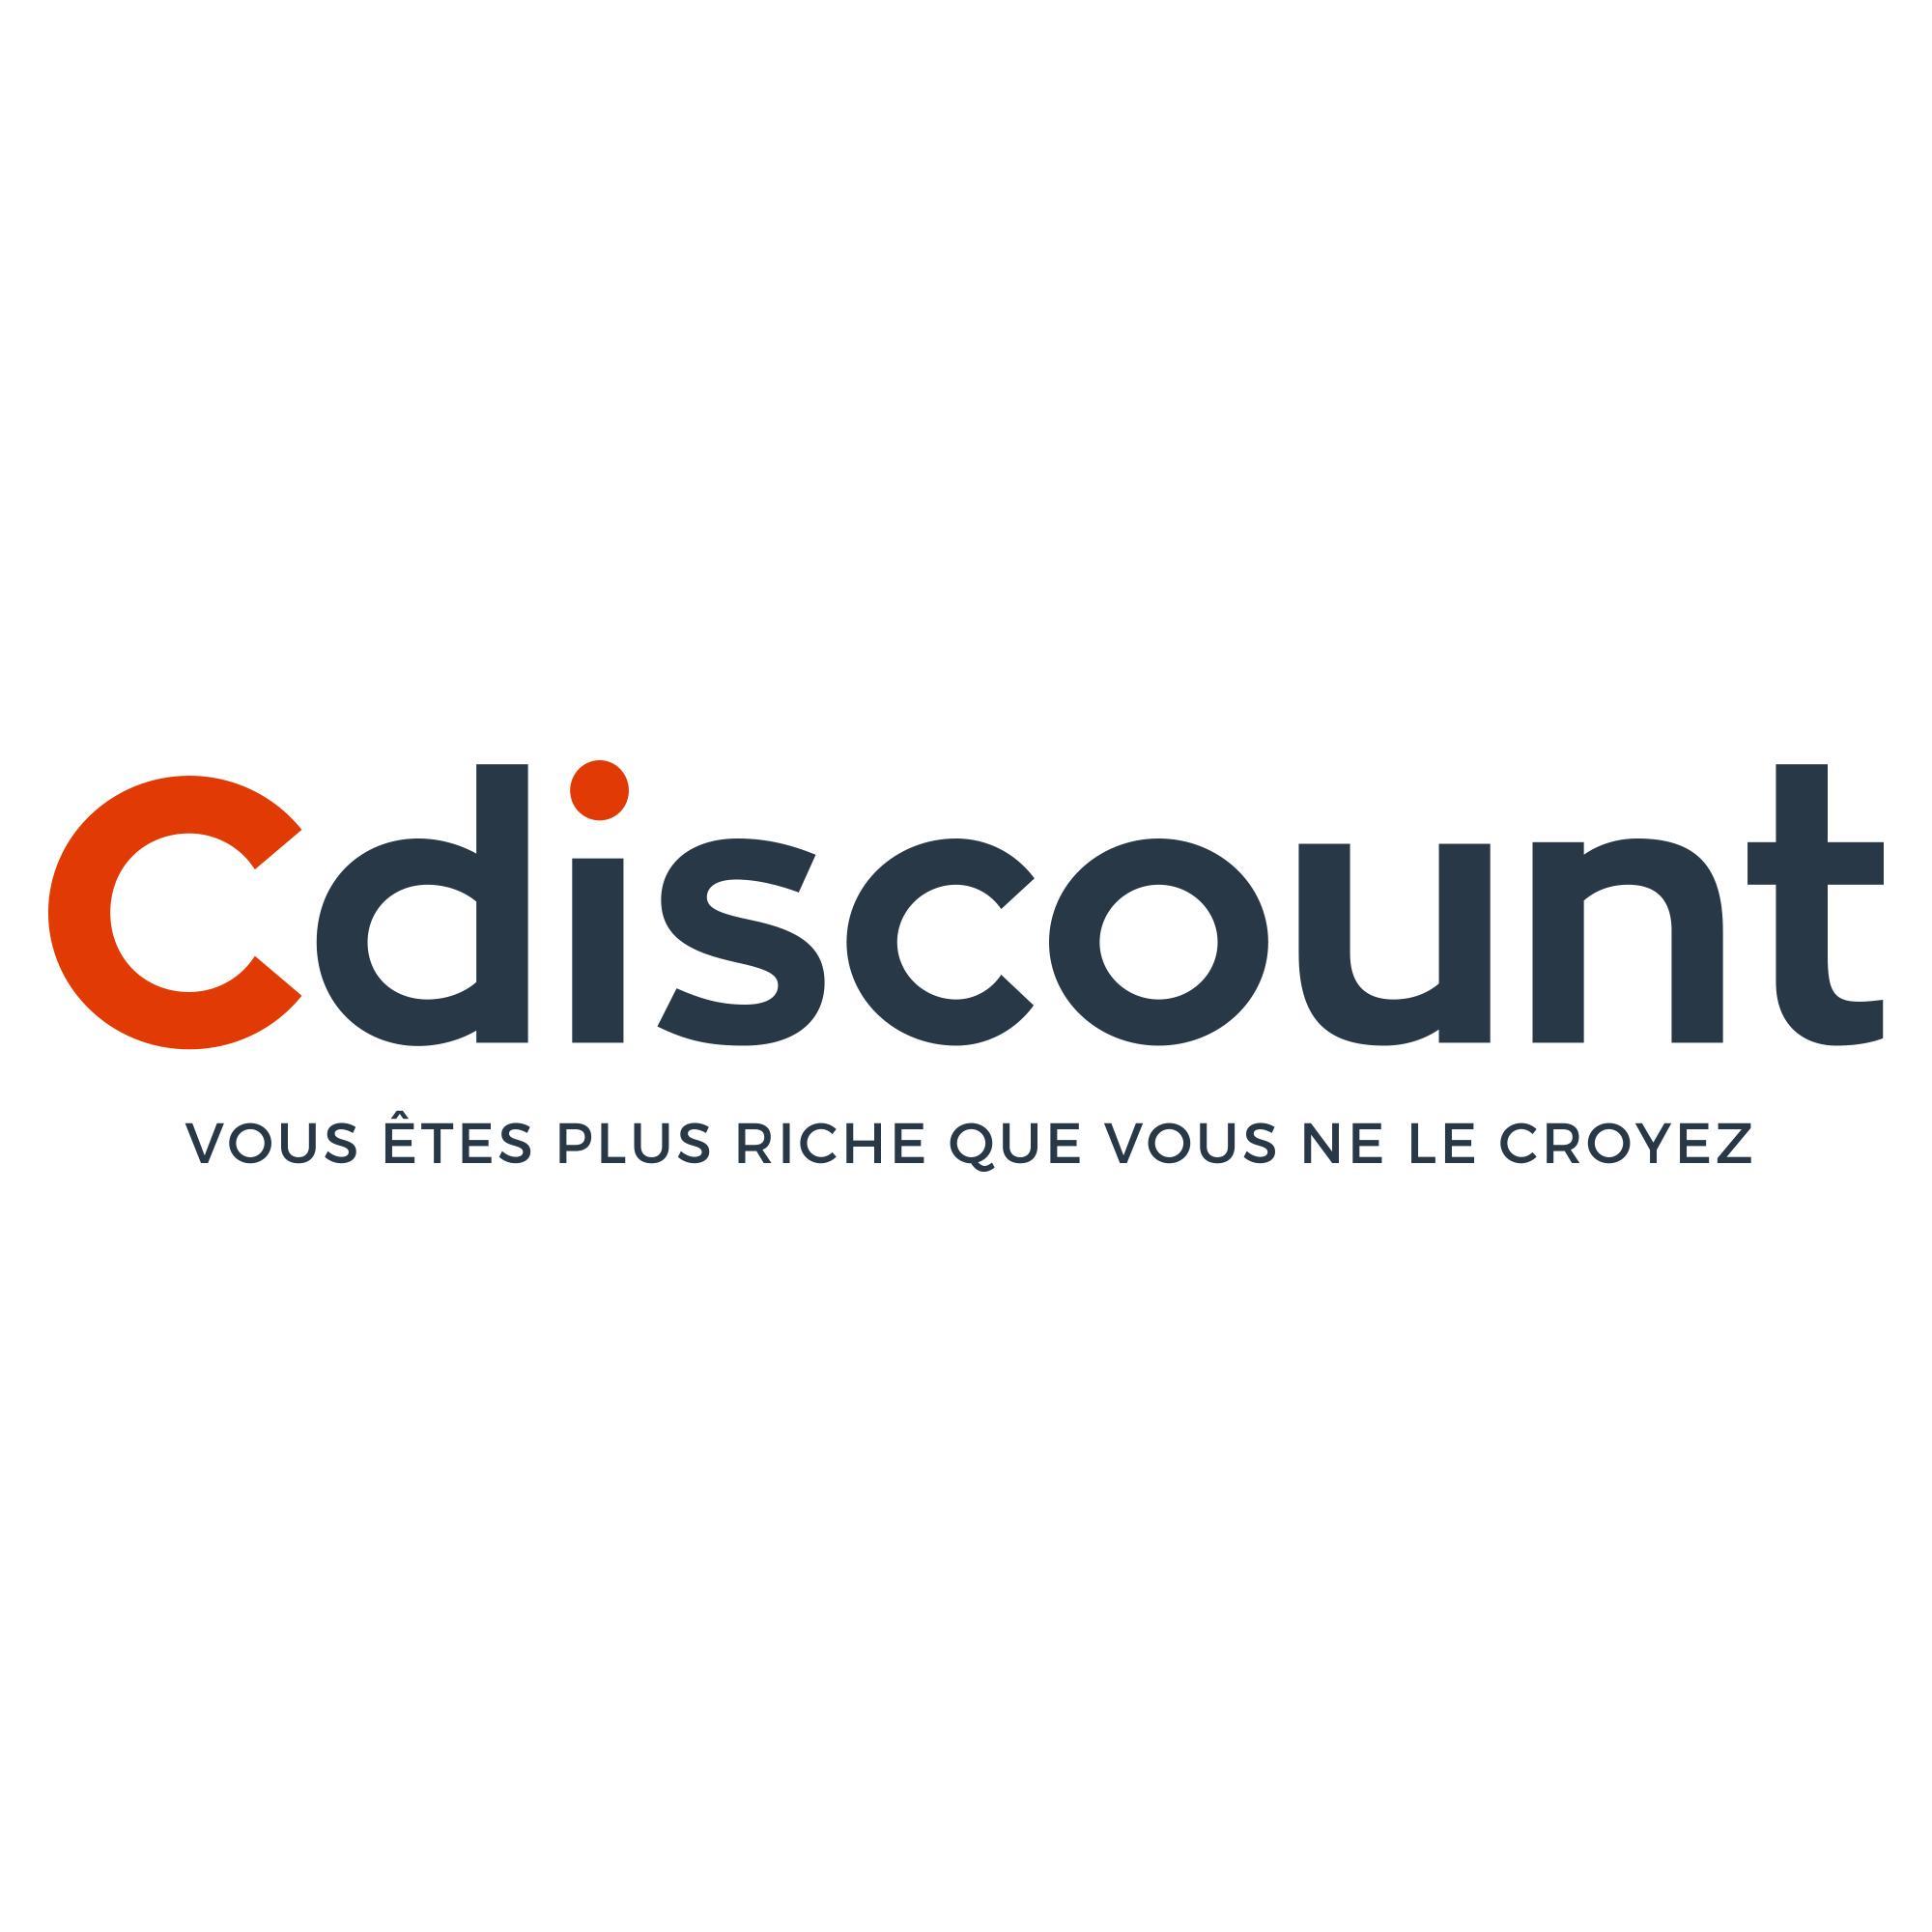 10€ de réduction dès 99€ d'achats pour tous et 50€ dès 499€ pour les membres Cdiscount à volonté sur l'ensemble du site - Hors exceptions